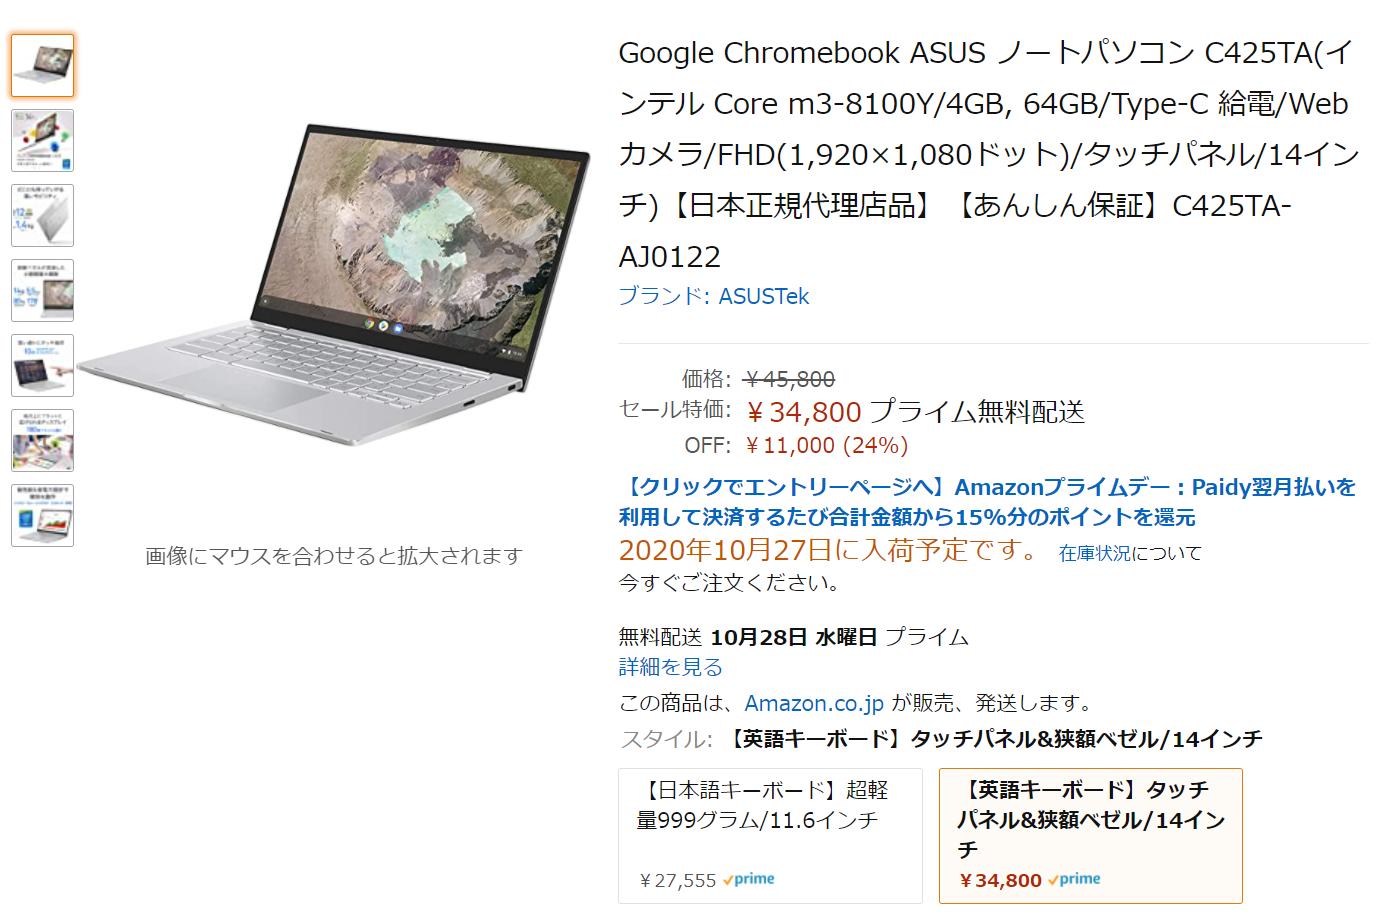 [かぶ] ASUSのC425TAが突然の国内発売決定。Amazonプライム限定セール対象Chromebookまとめ。(2020年10月13日版)